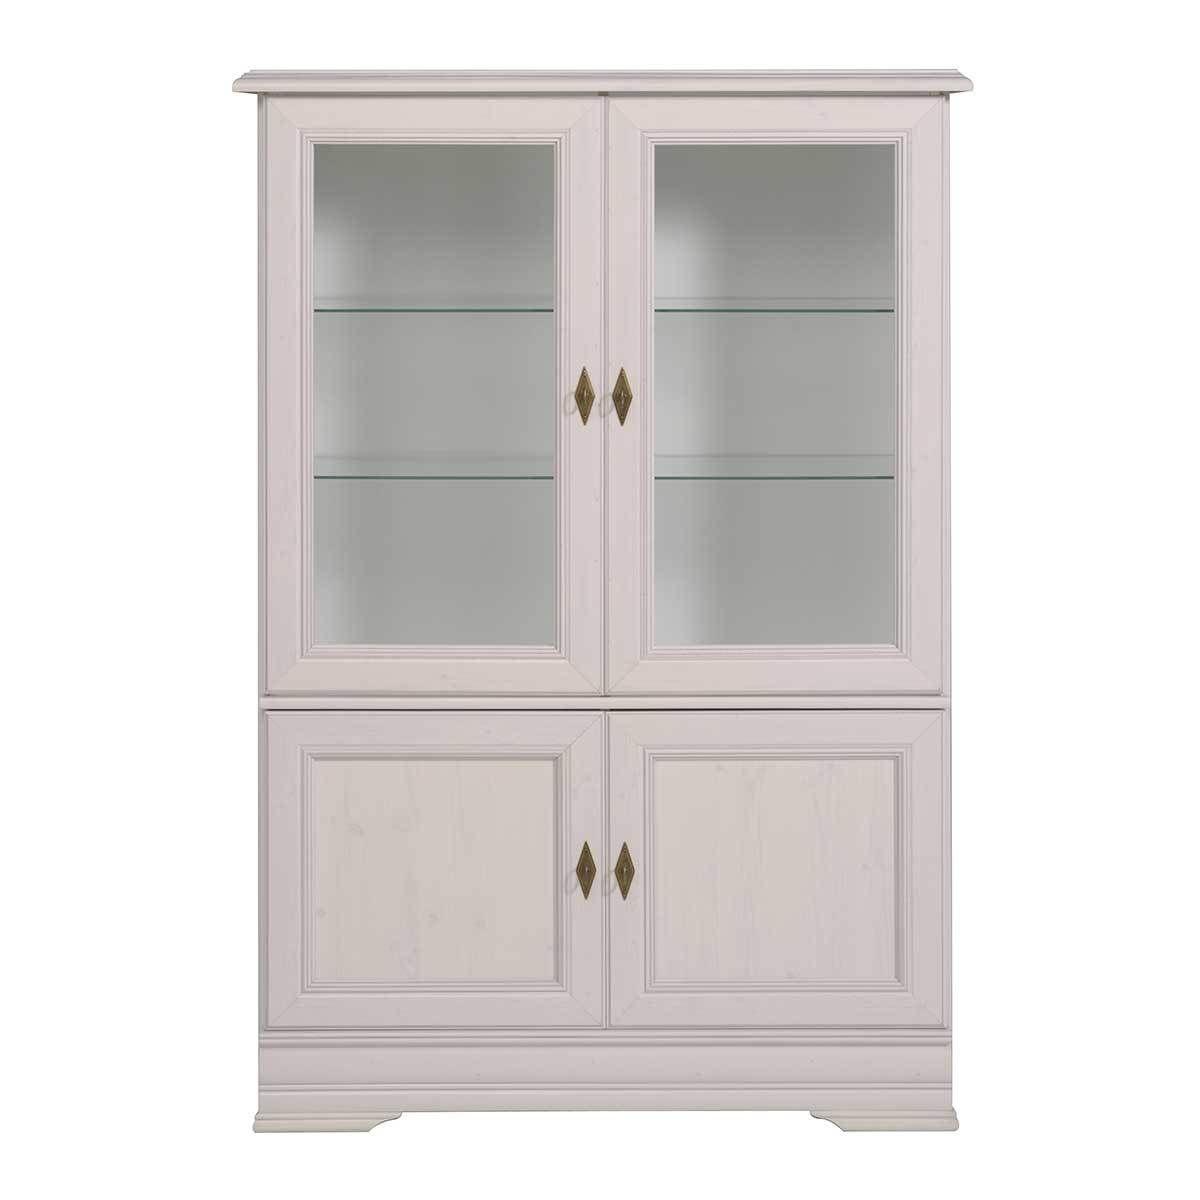 boutique en ligne deco maison pas cher ventana blog. Black Bedroom Furniture Sets. Home Design Ideas